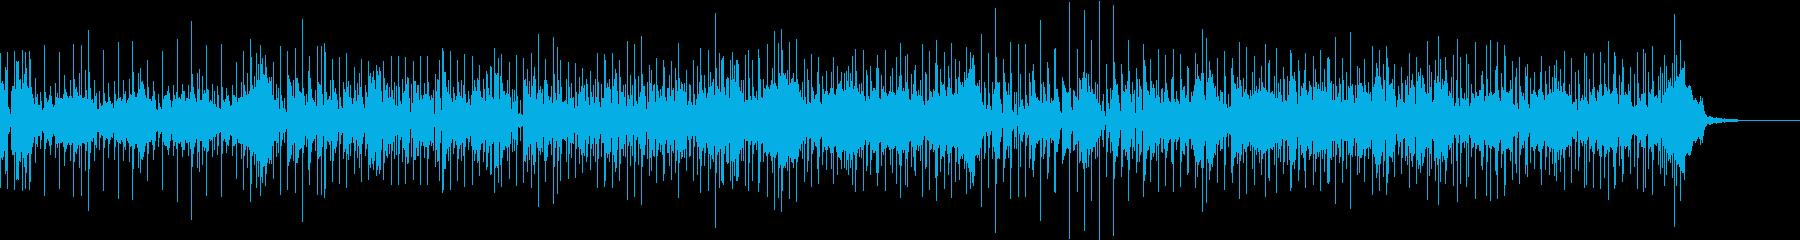 ブラスメロのファンクロックの再生済みの波形